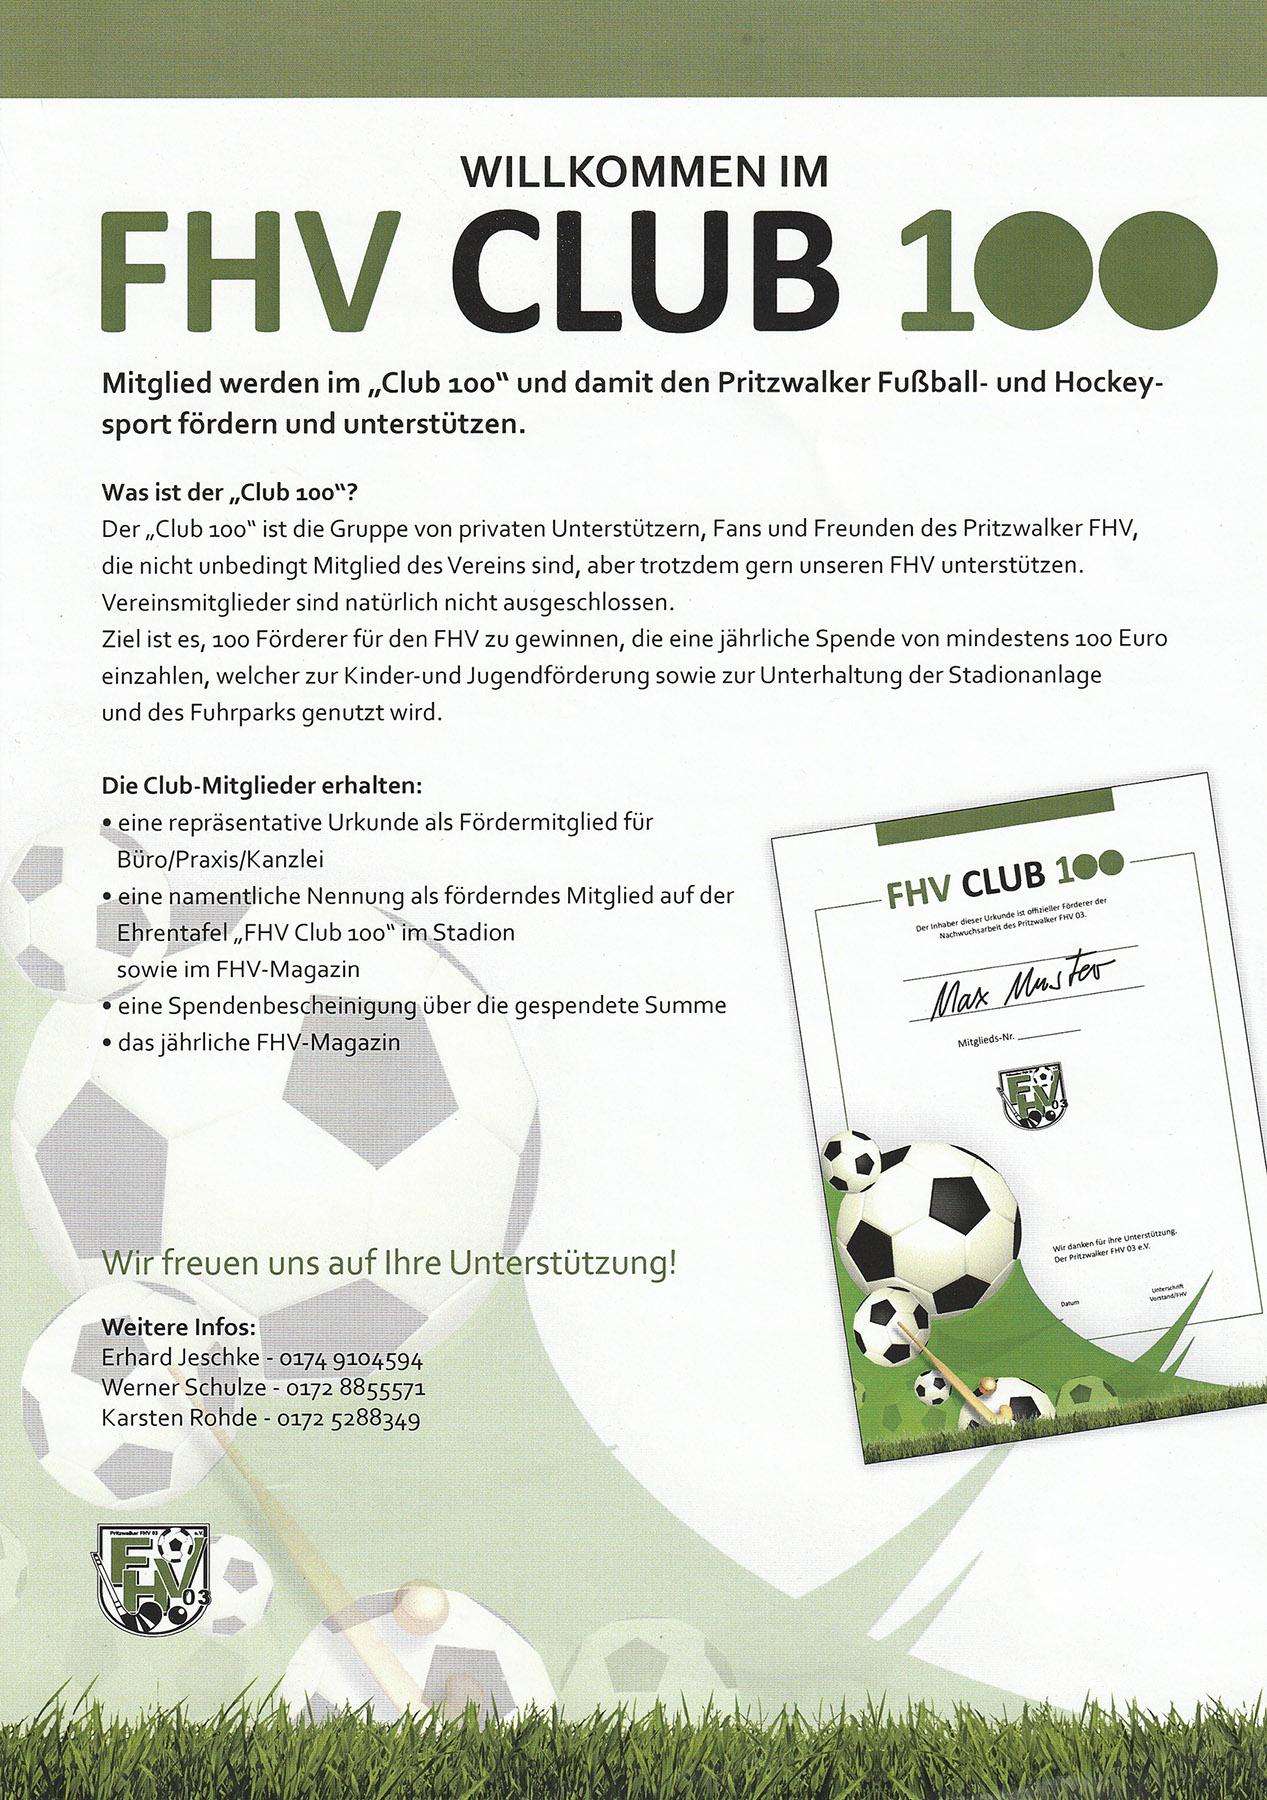 Club 100 Infos Rund Um Den Pritzwalker Fhv 03 Fussball